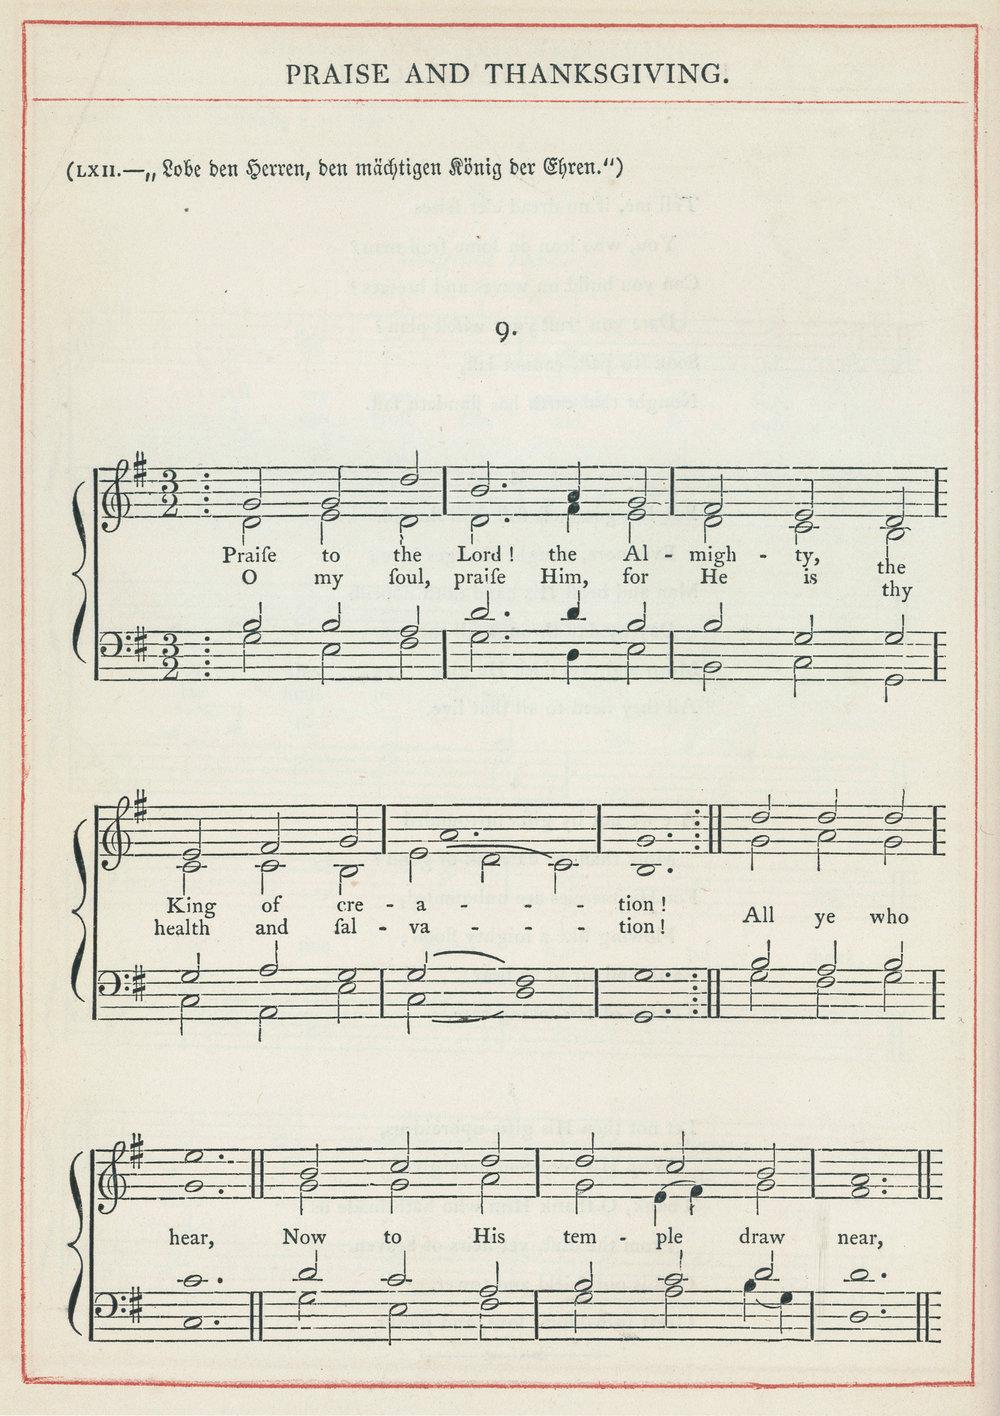 PraisetotheLord-ChoraleBook1865_001.jpg